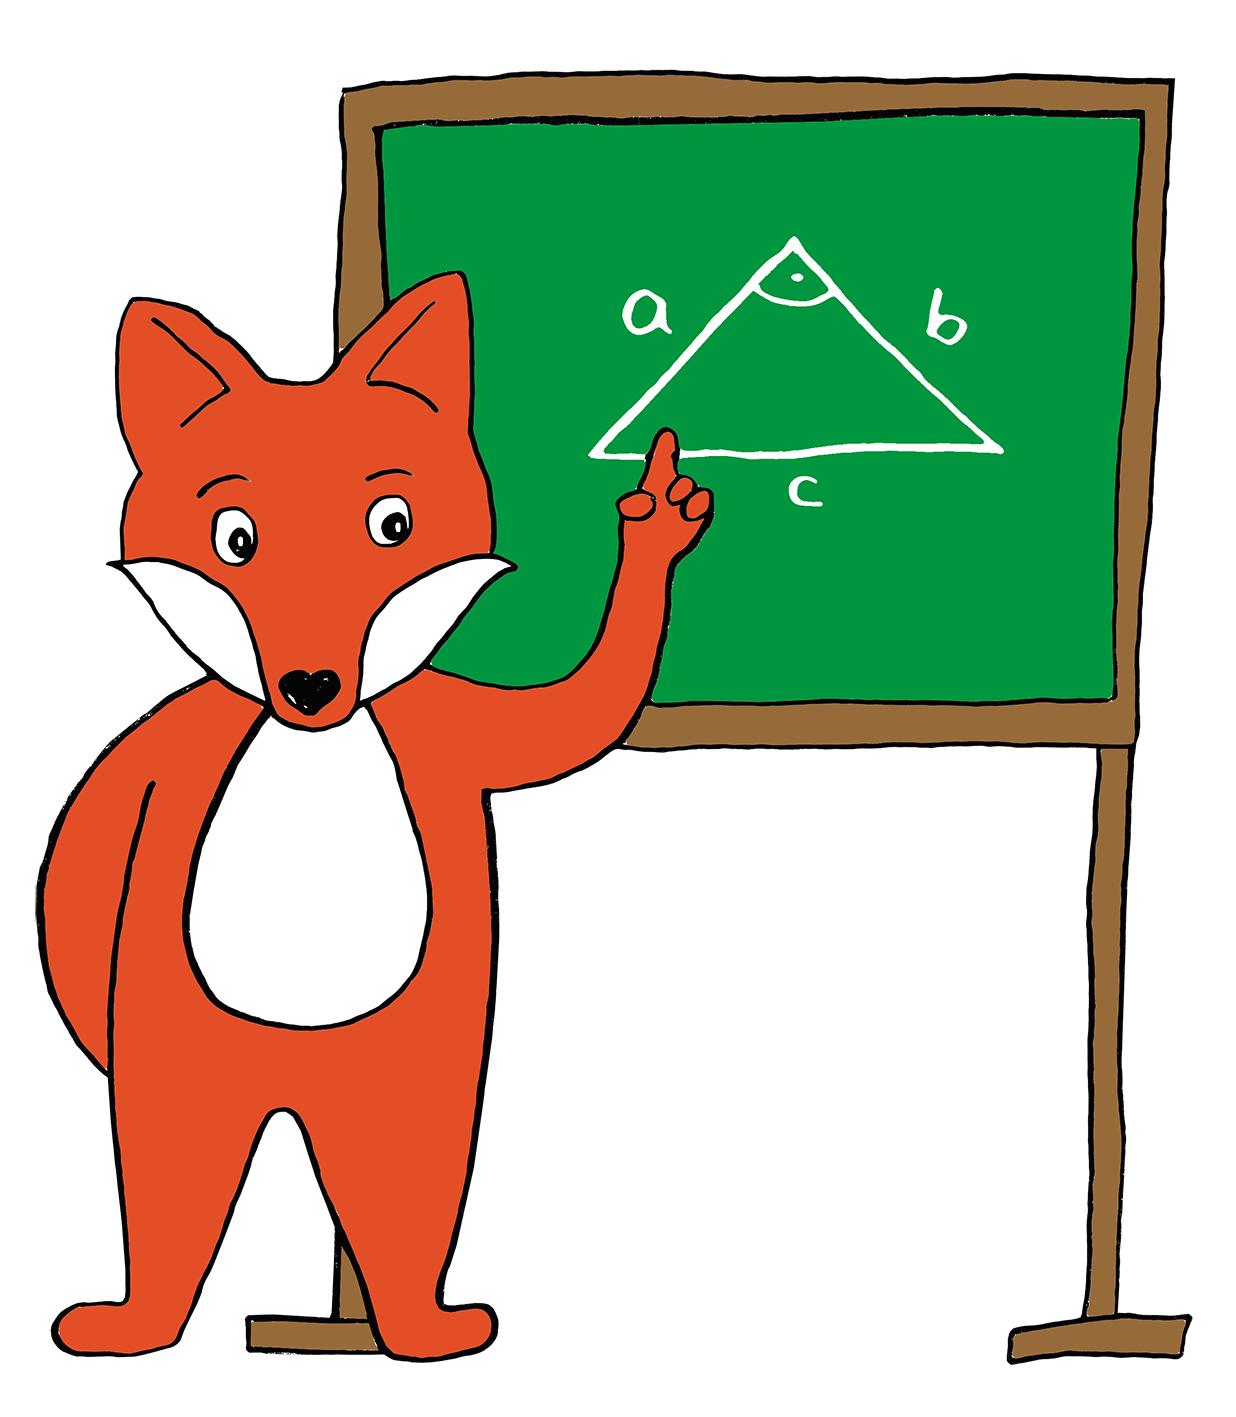 Comic-Fuchs vor Tafel mit aufgemaltem rechtwinkligem Dreieck